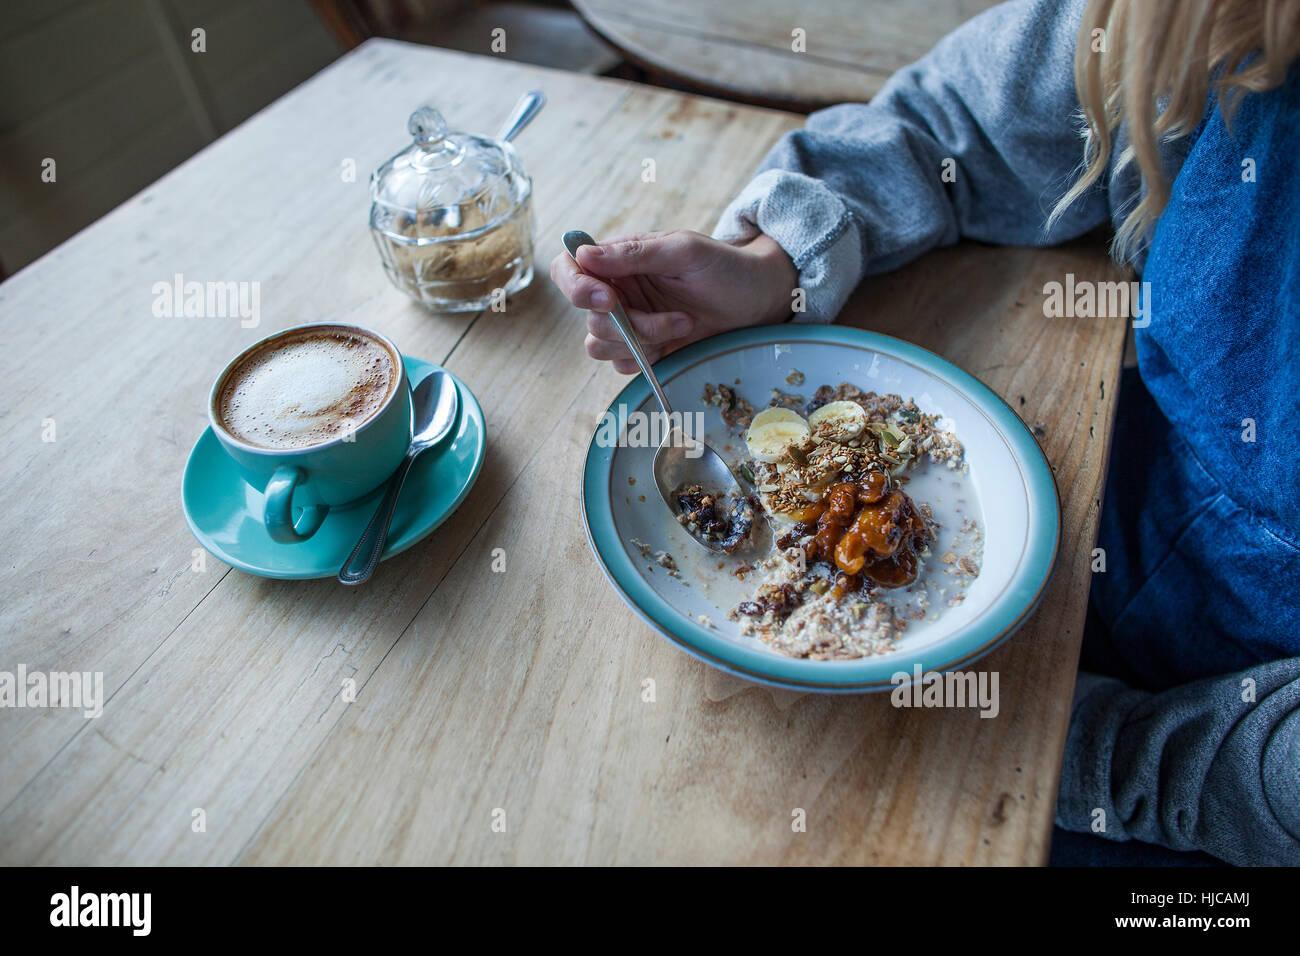 Giovane donna in cafe, mangiare muesli, metà sezione Immagini Stock